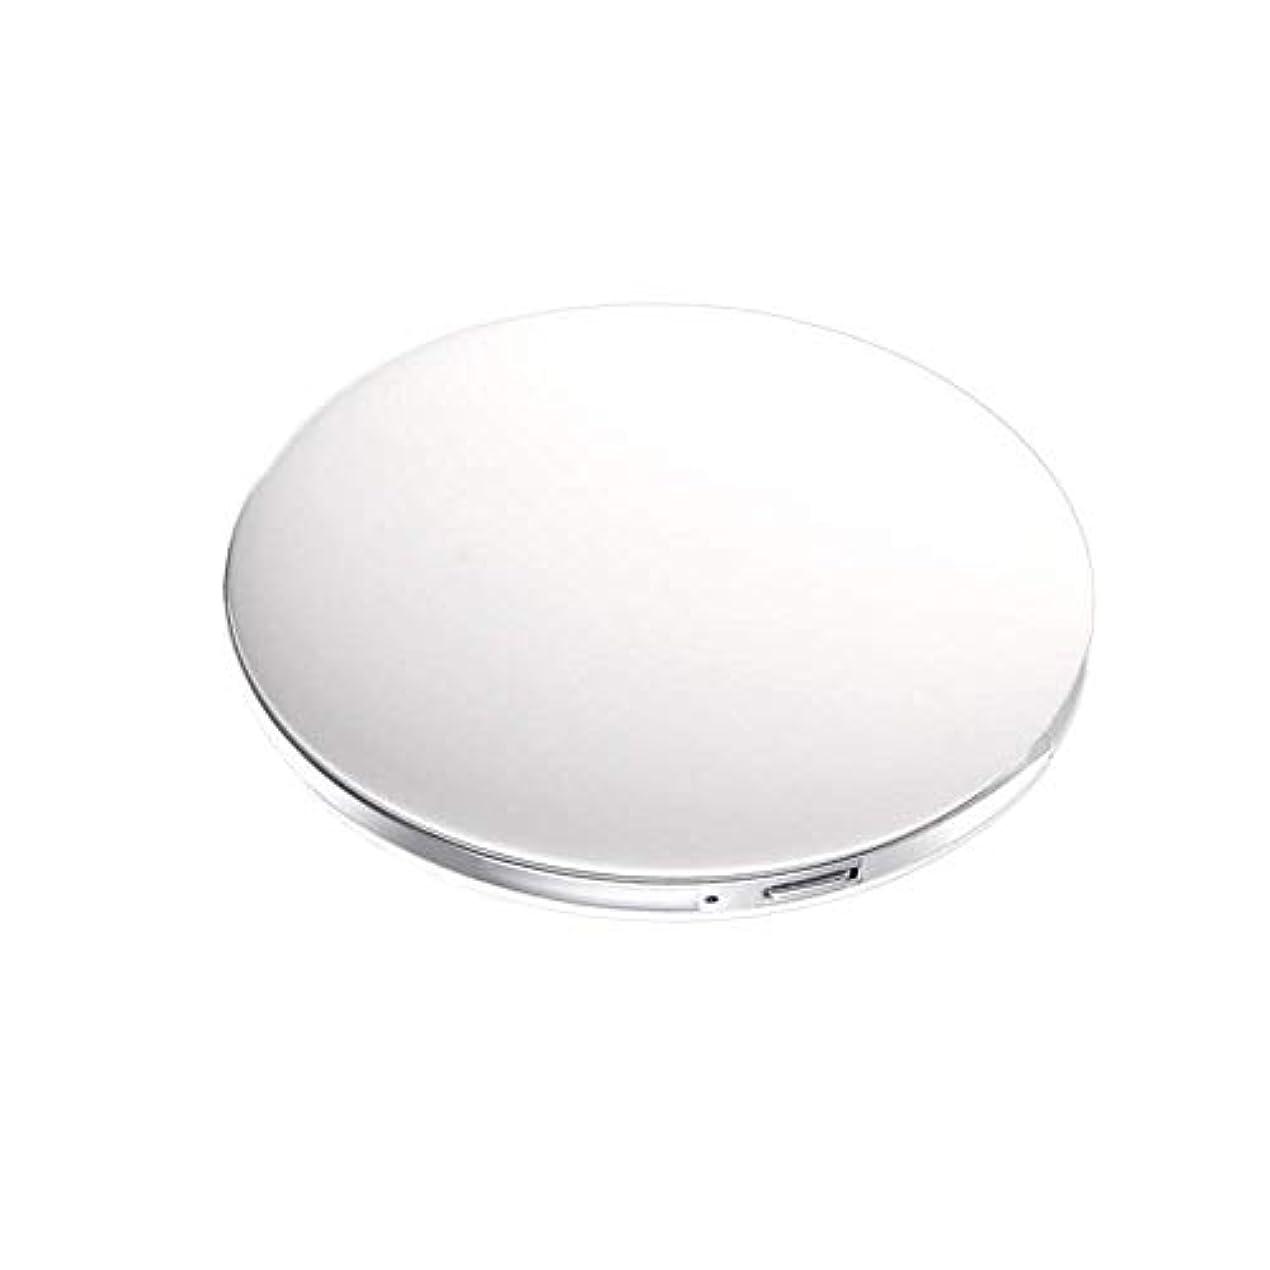 シルク電気の特殊ハンドミラー 携帯ミラー LED 充電メイク ポケット 旅行 ベルサイユ ボヘミア サンシャイン 化粧鏡携帯型 折り畳み式 コンパクト鏡 外出に 持ち運び便利 超軽量 おしゃれ